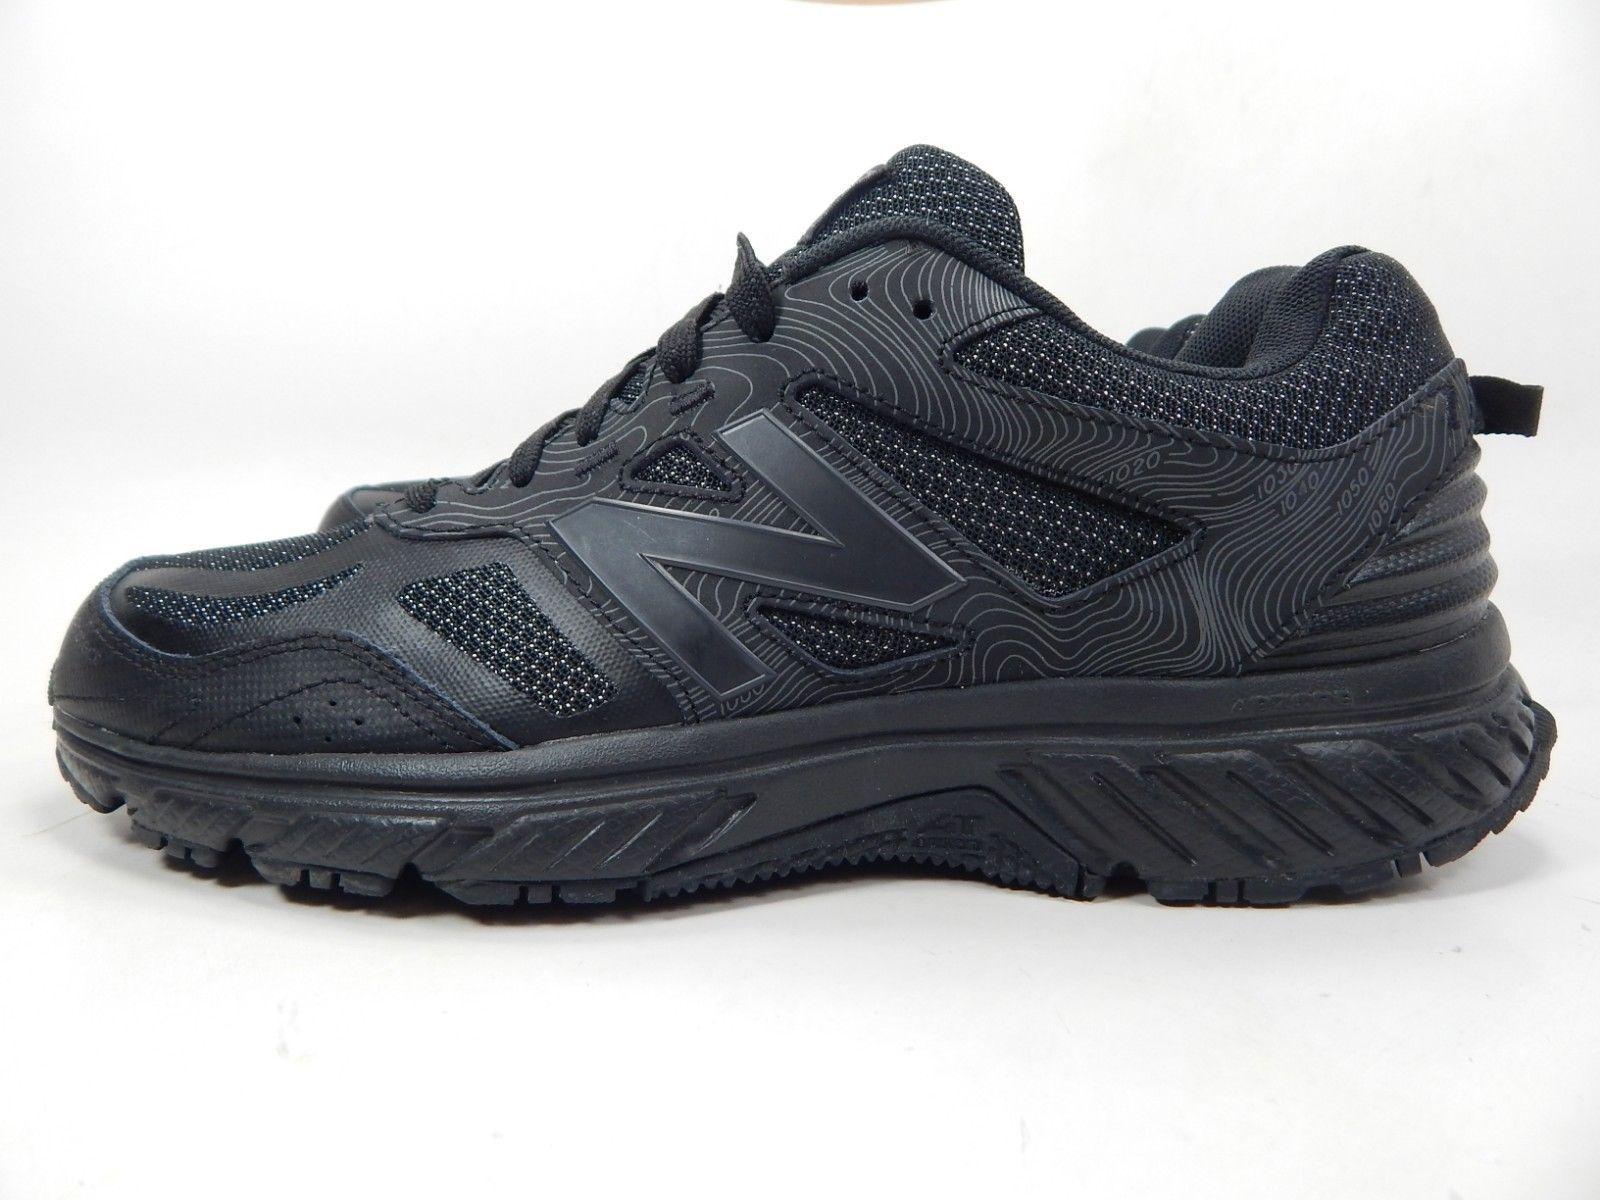 New Balance 510 v4 Sz 9.5 M (D) EU 43 Men's Trail Running Shoes Black MT510LB4